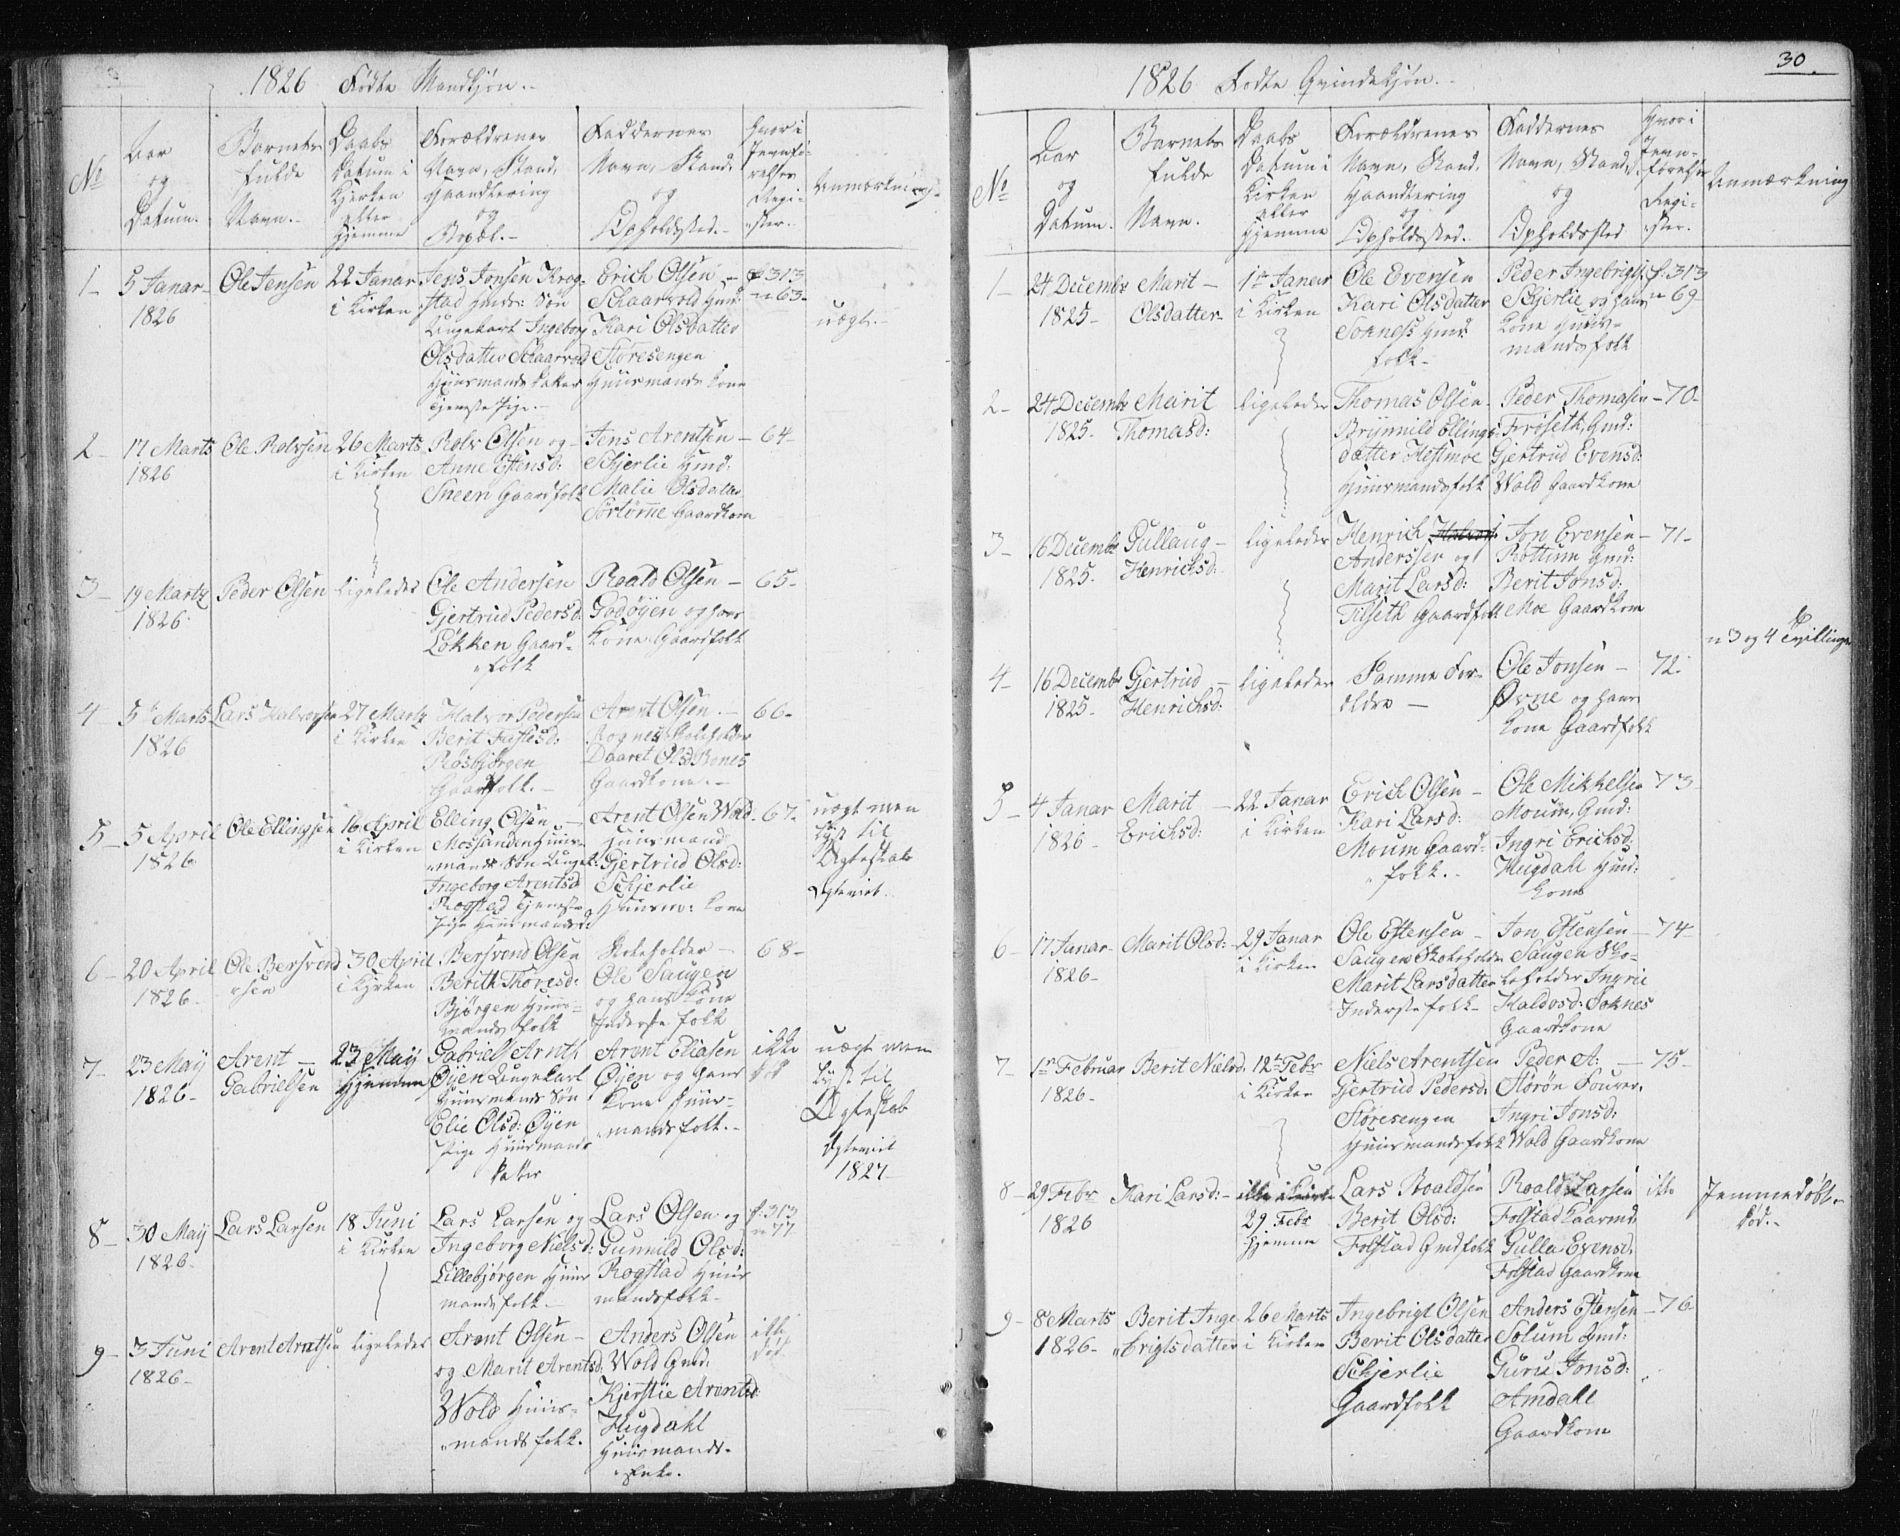 SAT, Ministerialprotokoller, klokkerbøker og fødselsregistre - Sør-Trøndelag, 687/L1017: Klokkerbok nr. 687C01, 1816-1837, s. 30